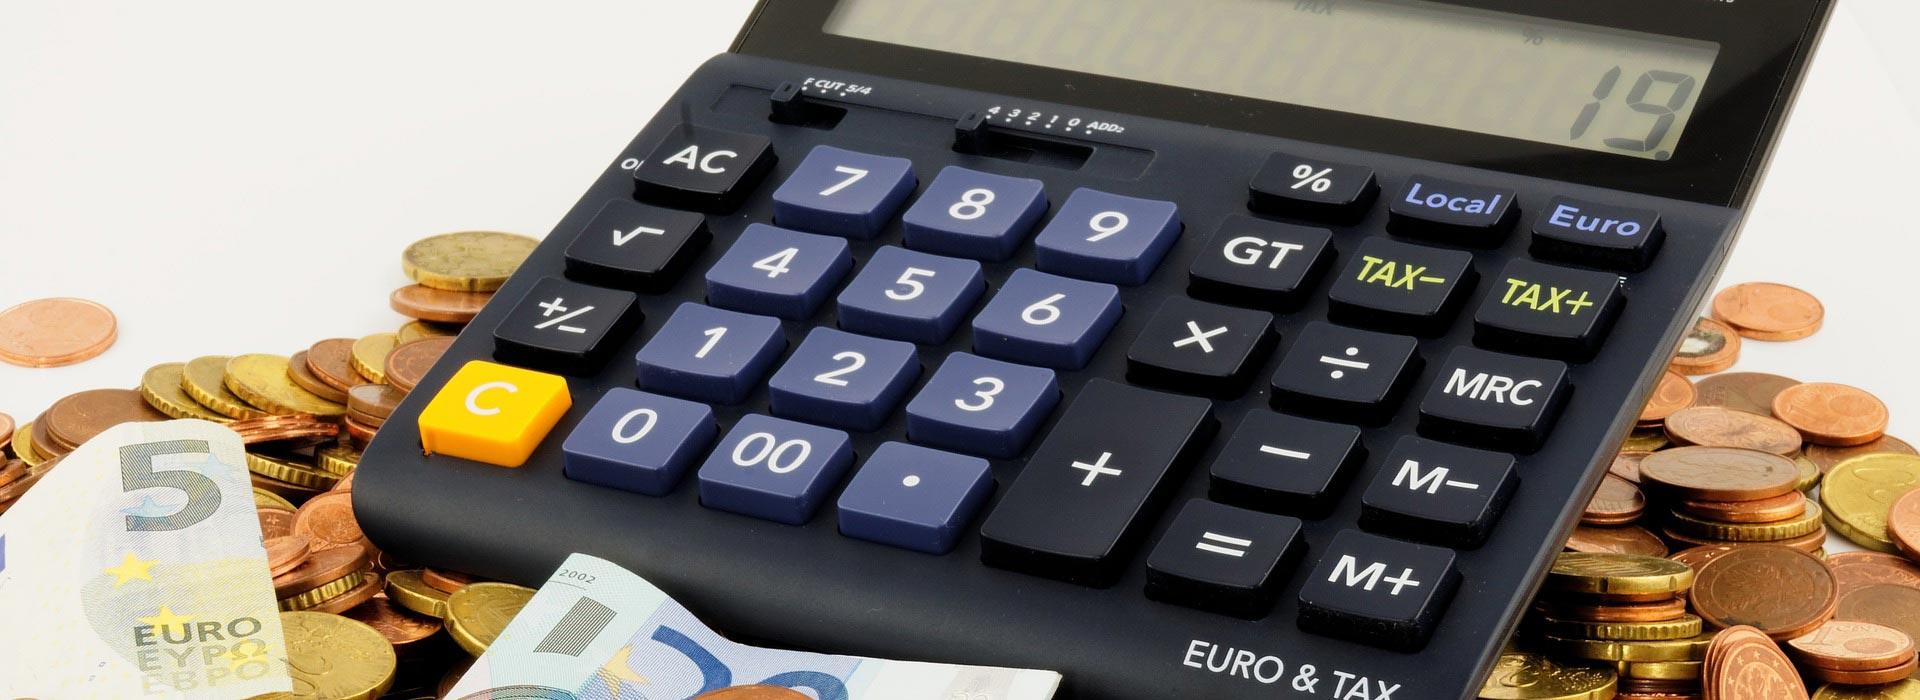 Ausschnitt eines Taschenrechners der auf einem Haufen Geldmünzen liegt